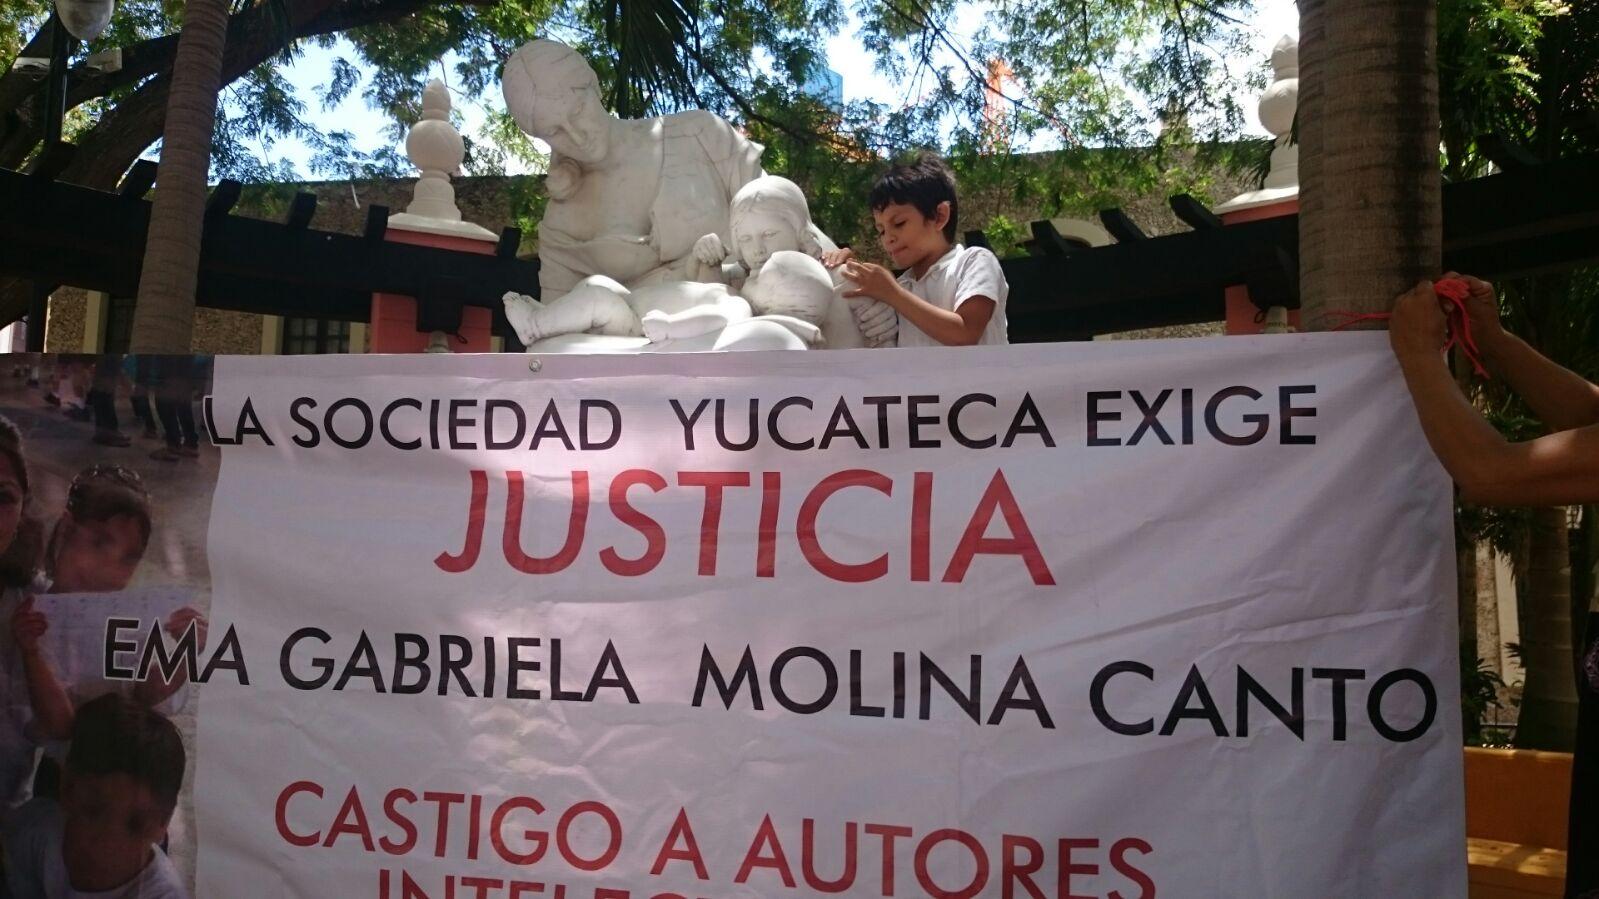 Los temores de Doña Ligia y 'la injusticia'